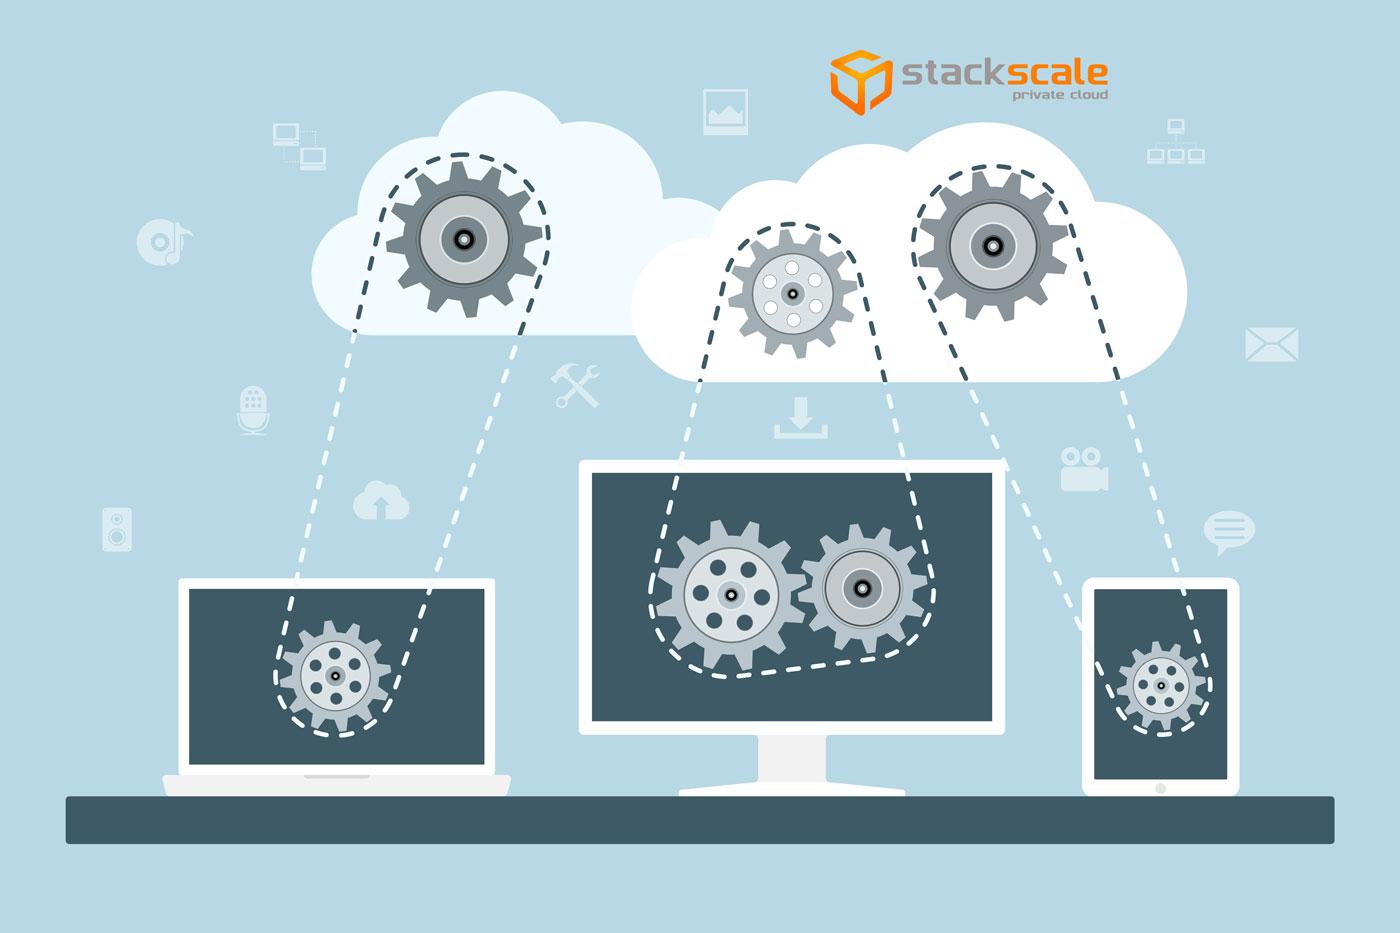 Stackscale sigue ampliando su infraestructura cloud en España